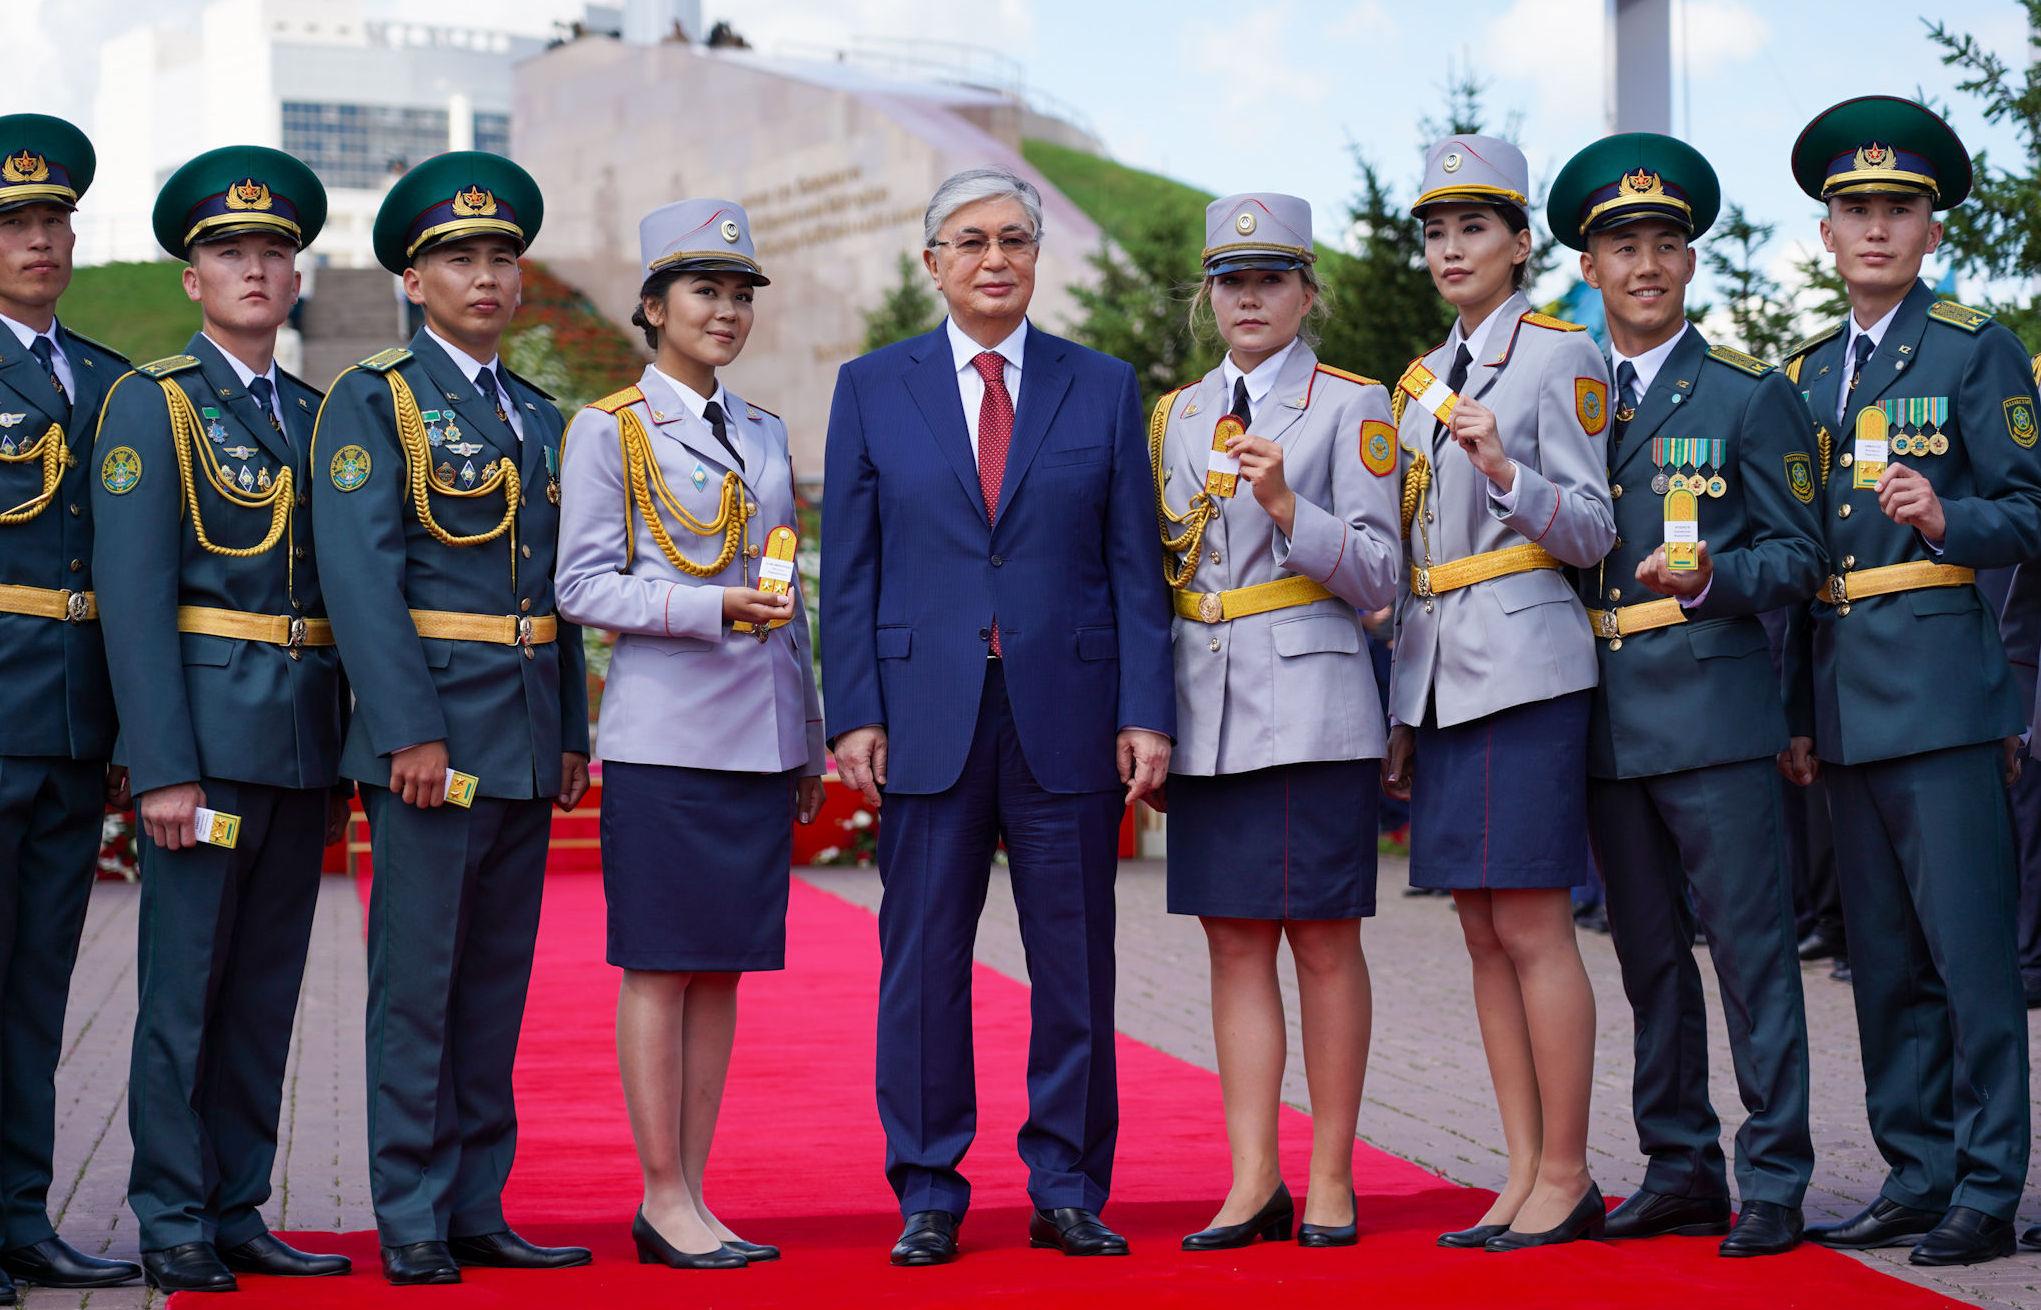 Президент Казахстана Касым-Жомарт Токаев на торжественной церемонии подъема государственного флага в честь Дня столицы с военными курсантами